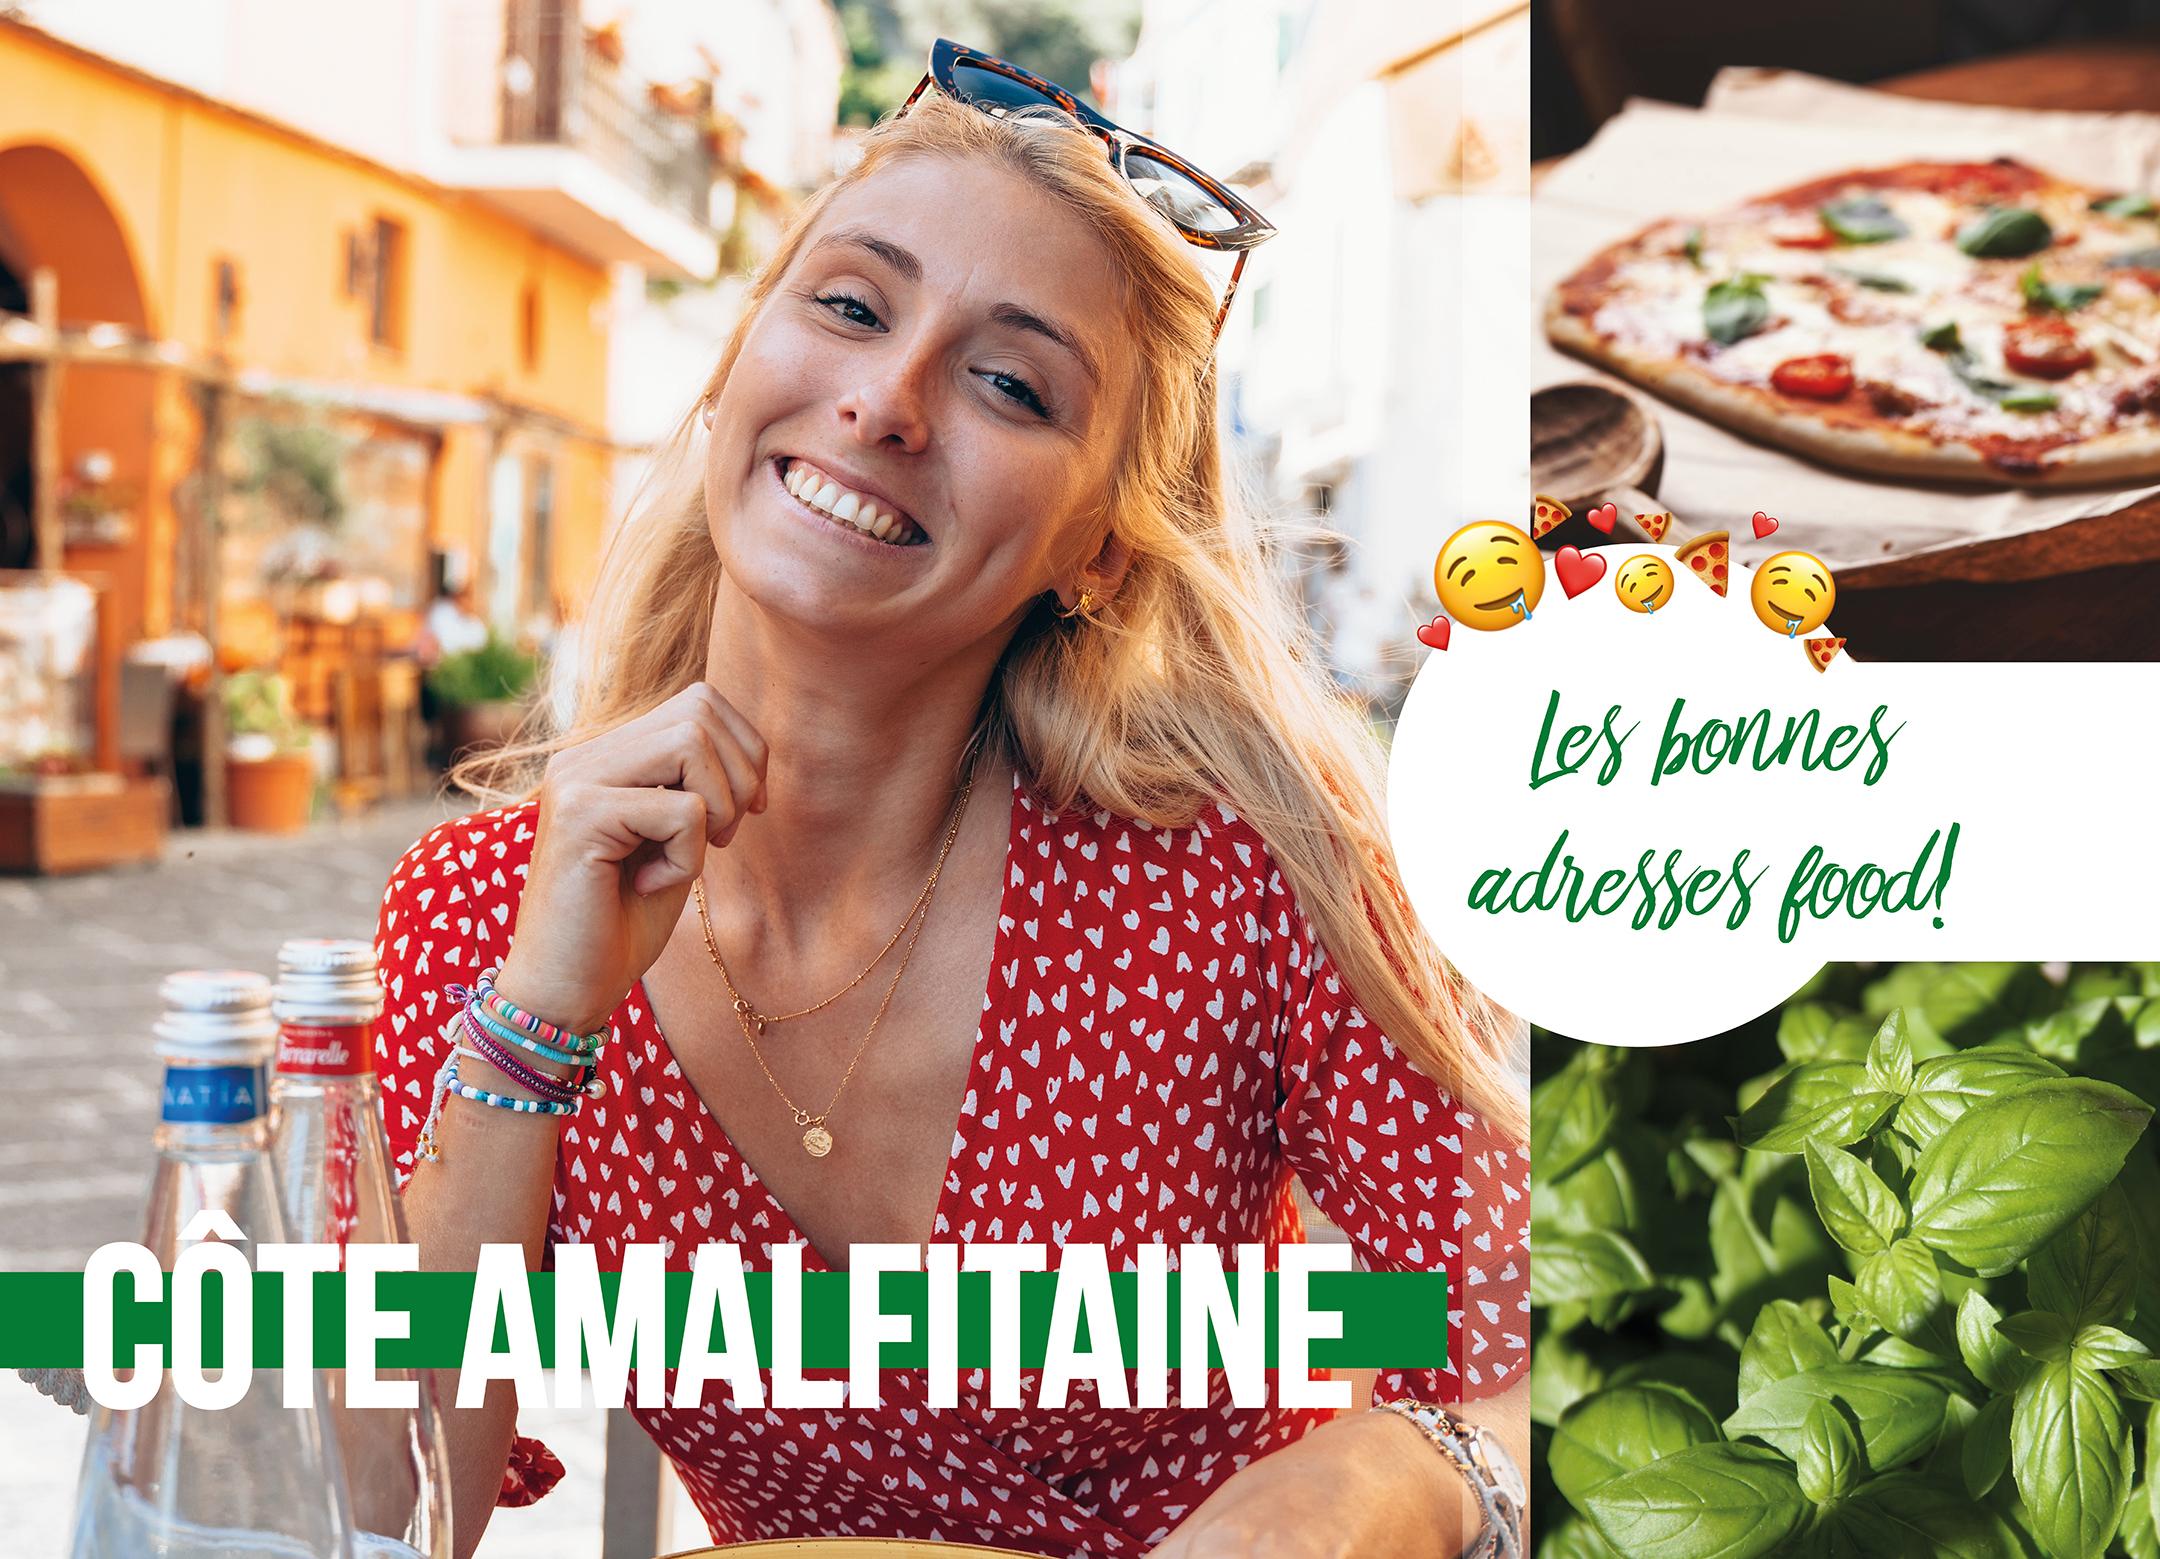 Naples & Côte Amalfitaine: mes bonnes adresses food